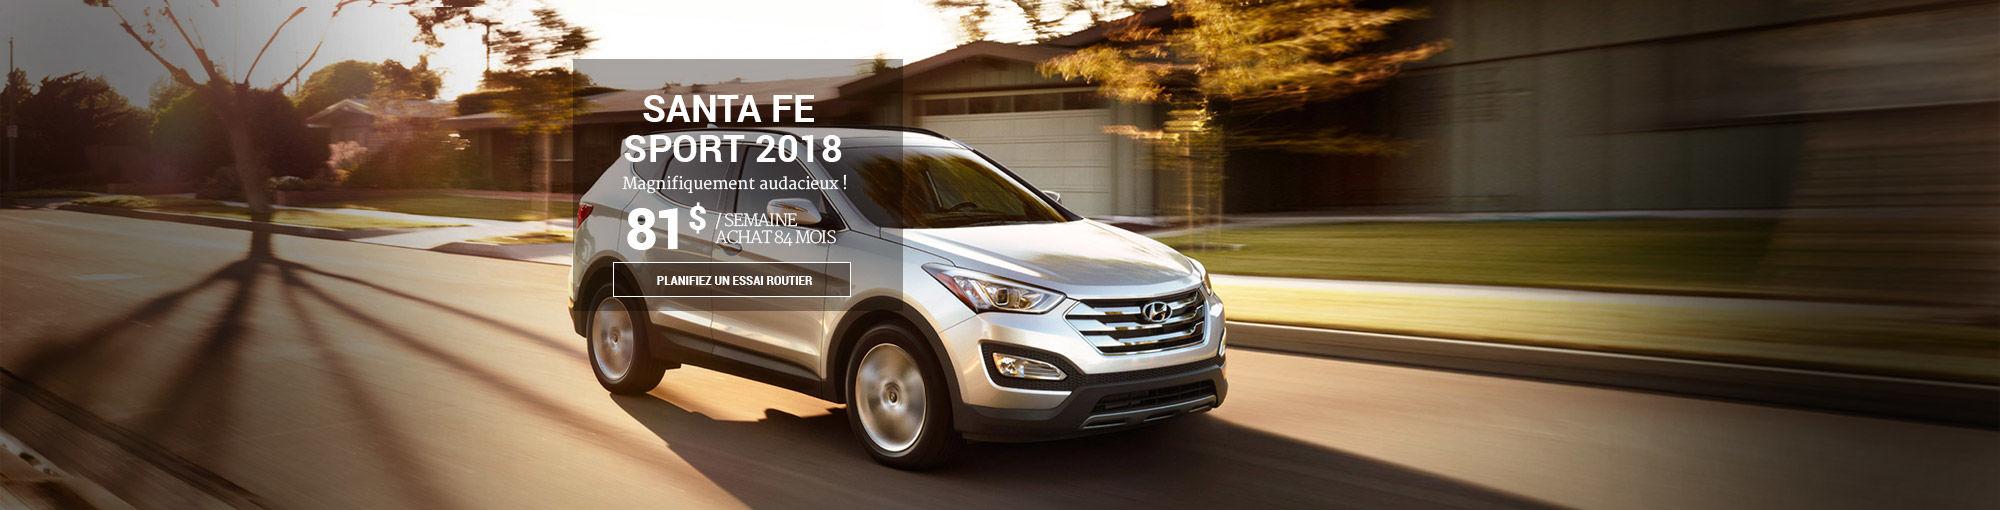 Hyundai Santa Fe Sport 2018 mai